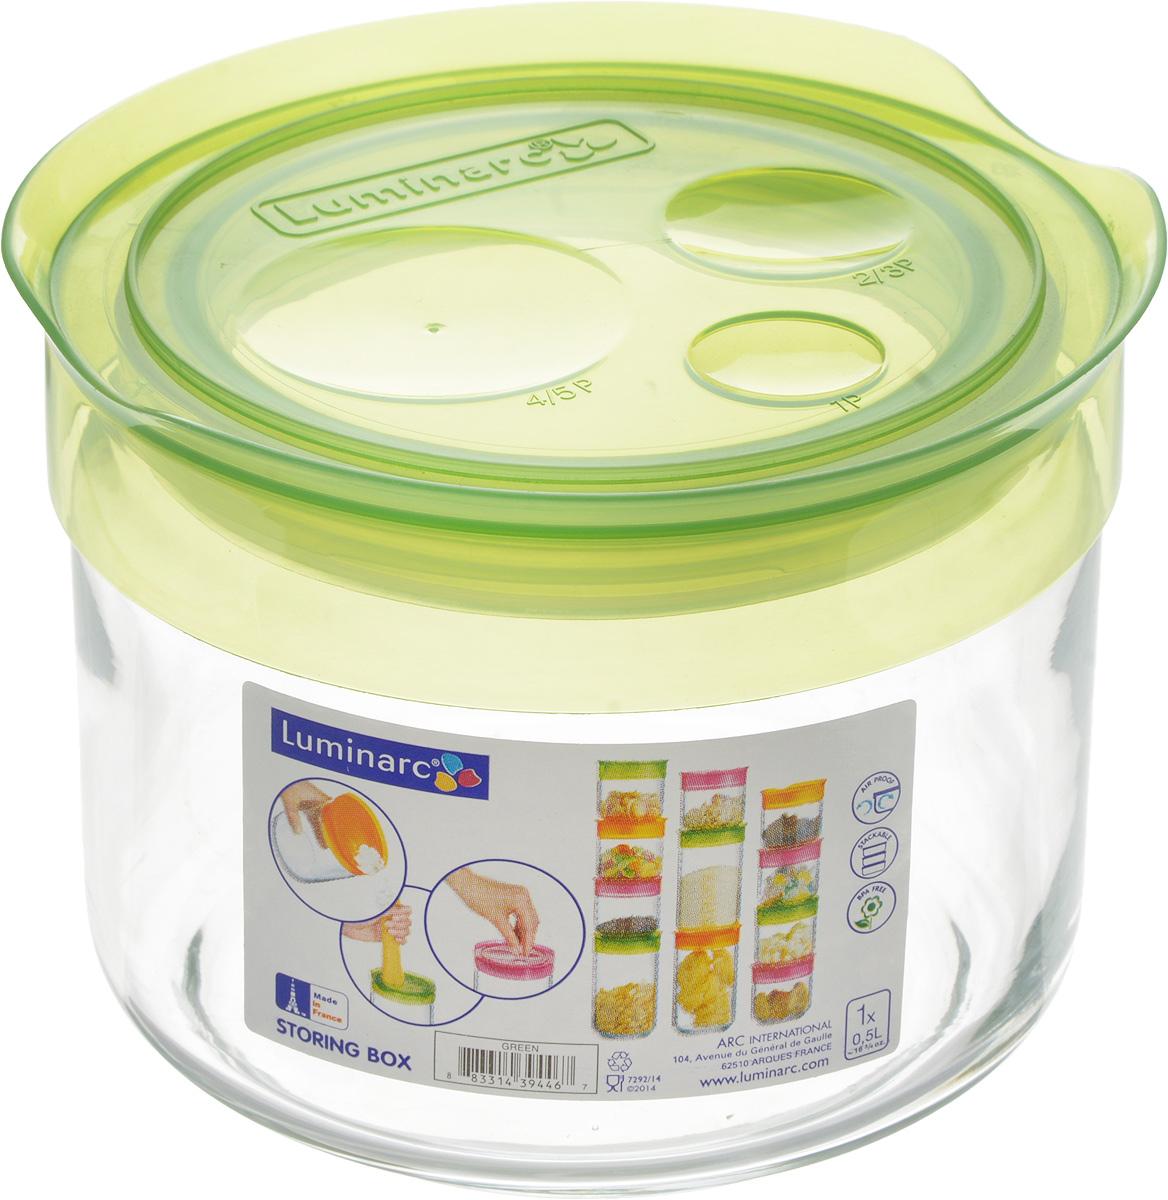 Банка для сыпучих продуктов Luminarc Storing Box, с крышкой, цвет: салатовый, 500 млJ2255Банка Luminarc Storing Box, выполненная из упрочненного стекла, станет незаменимым помощником на кухне. В ней будет удобно хранить разнообразные сыпучие продукты, такие как кофе, сахар, соль или специи. Прозрачная банка позволит следить, что и в каком количестве находится внутри. Банка надежно закрывается пластиковой крышкой, которая снабжена резиновым уплотнителем для лучшей фиксации. Такая банка не только сэкономит место на вашей кухне, но и украсит интерьер. Объем: 500 мл. Диаметр банки (по верхнему краю): 9 см. Высота банки (без учета крышки): 8 см.